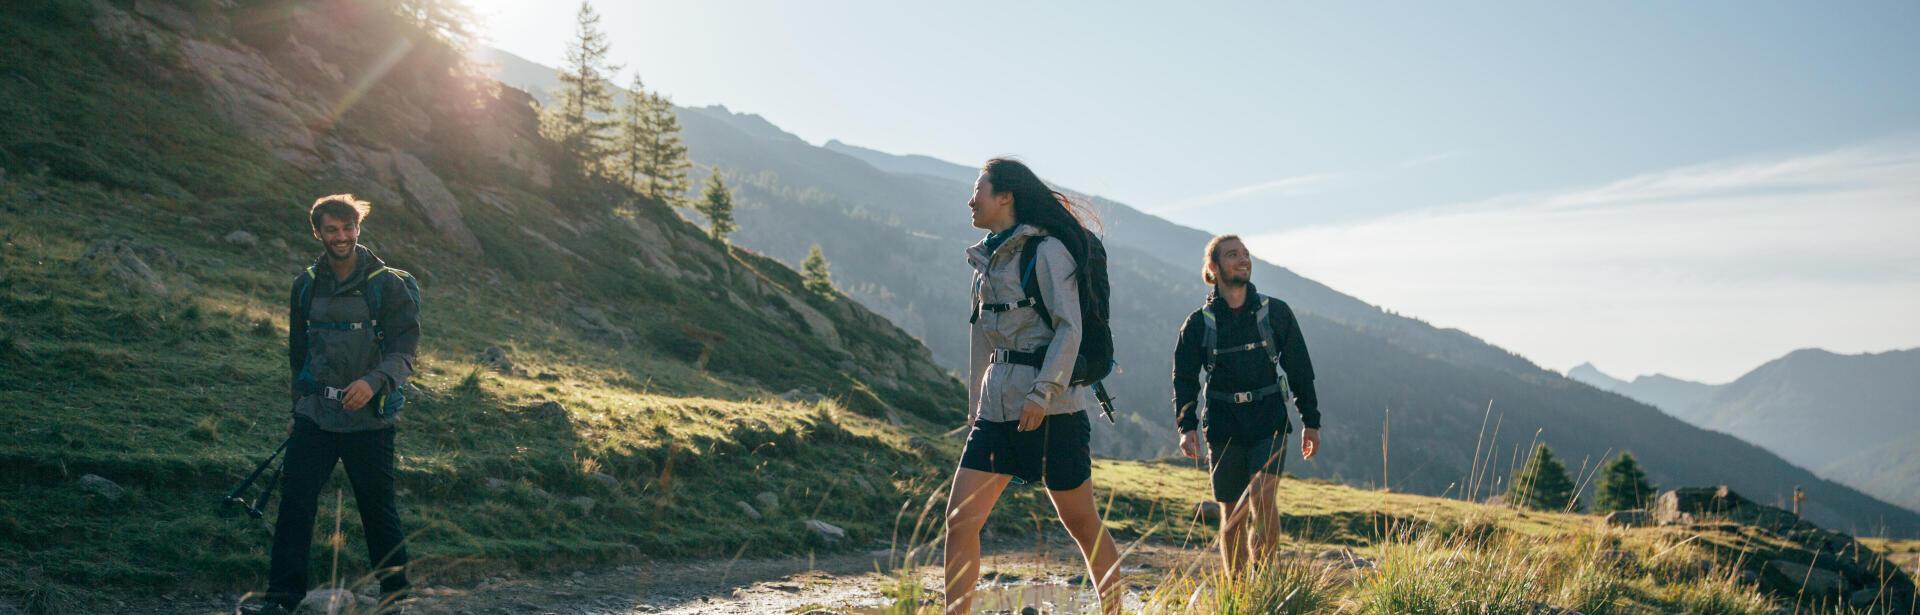 Quechua hiking & camping